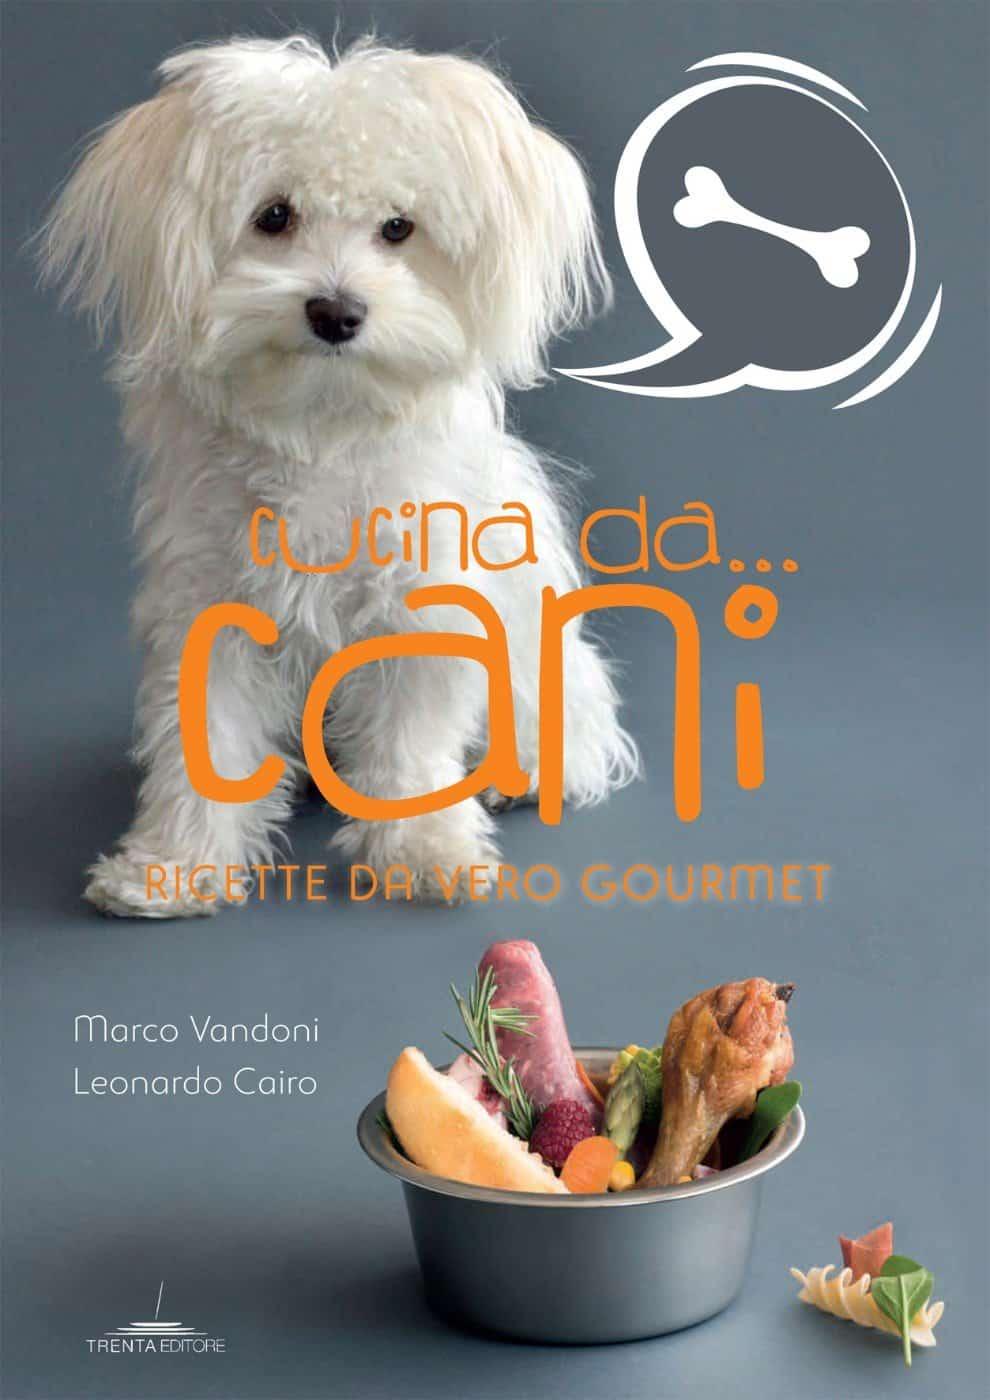 Cucina da…cani! Ricette e sana alimentazione anche per gli amici pelosi